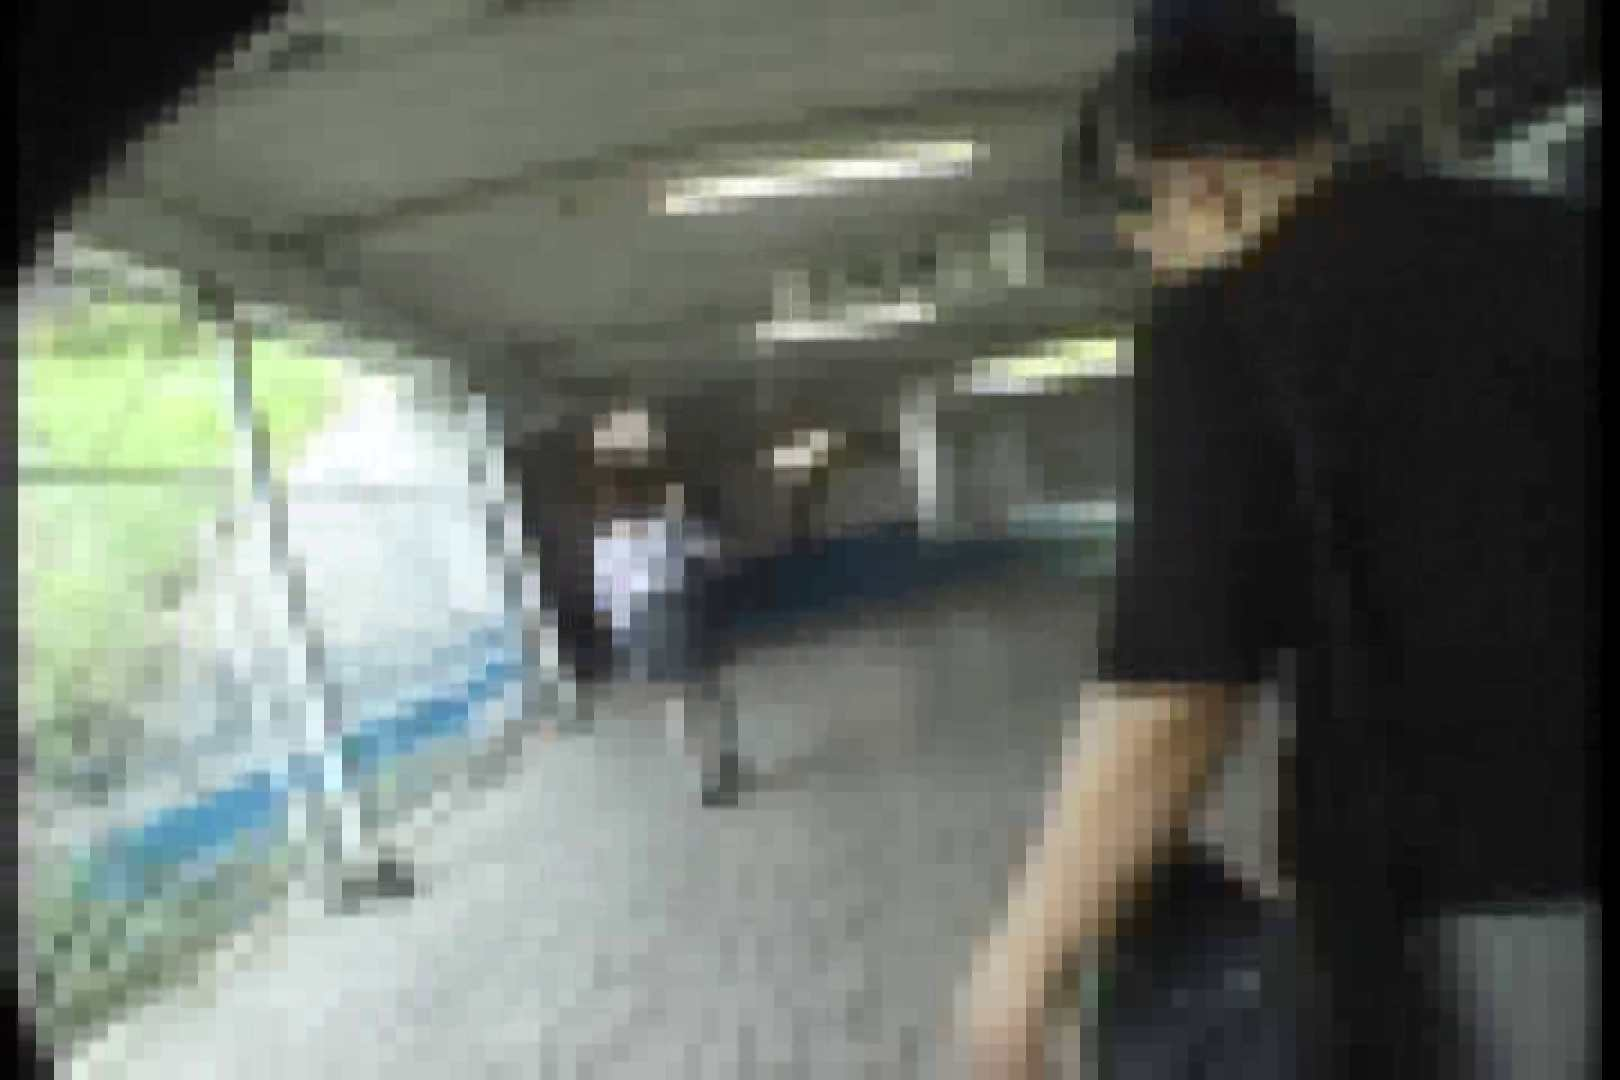 ぶっ掛け電車 只今運行中Vol.1 OLの実態 盗撮われめAV動画紹介 21pic 20